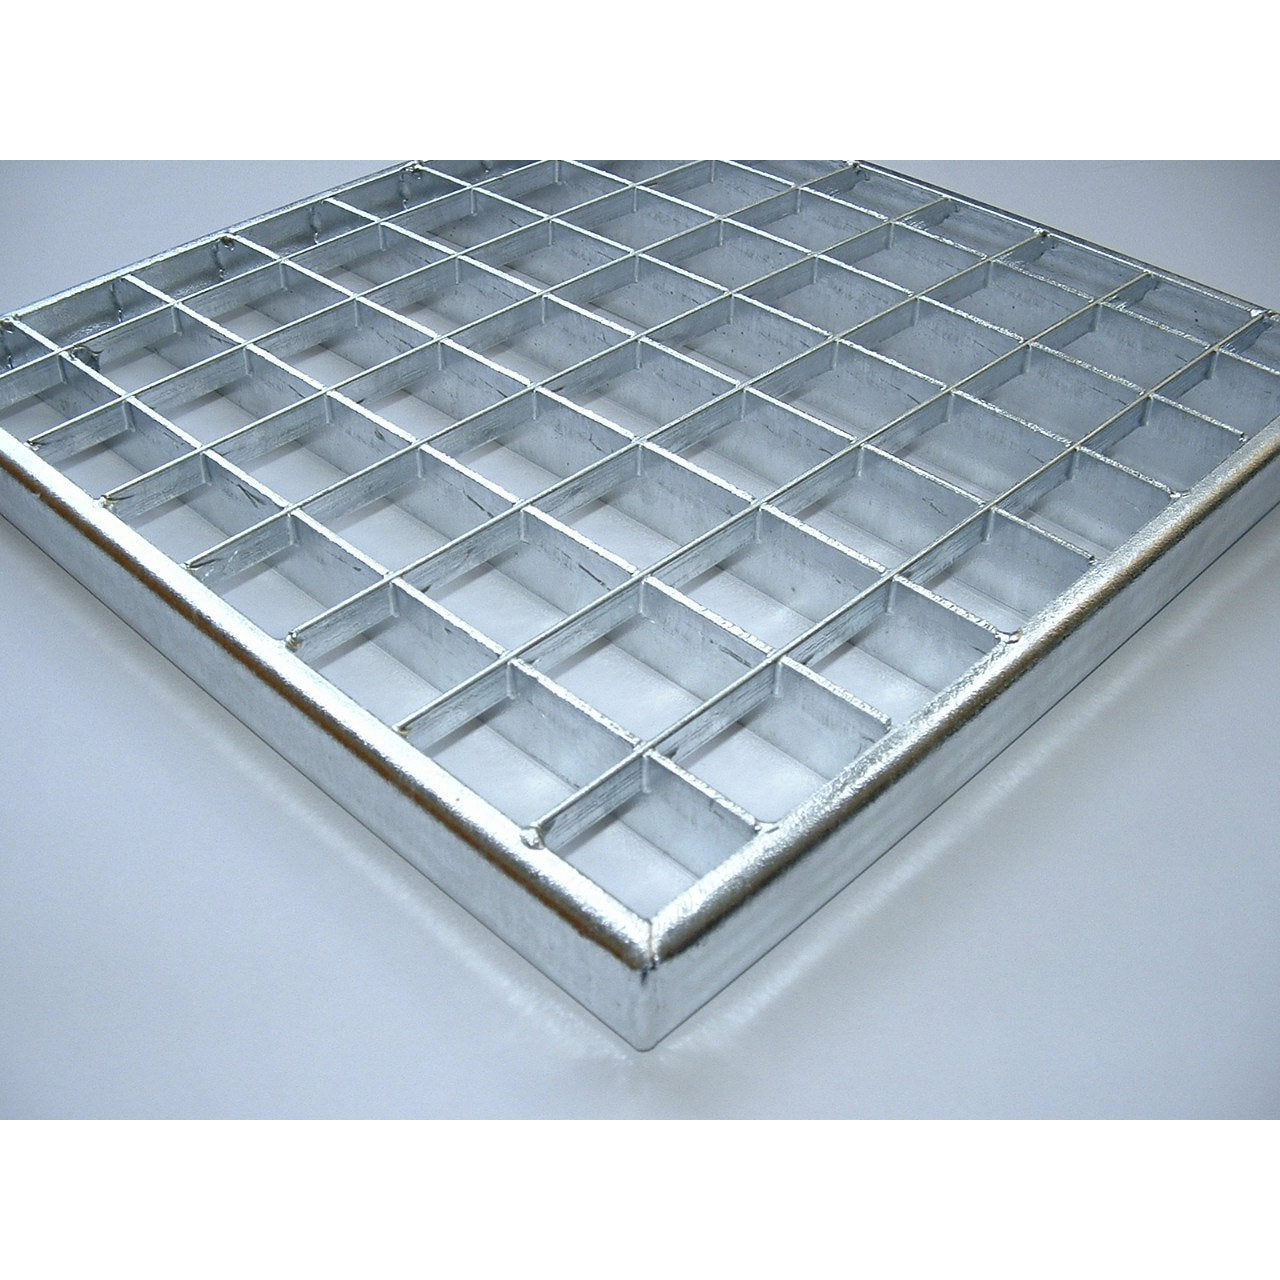 grille caillebotis acier galvanis x cm mea leroy merlin. Black Bedroom Furniture Sets. Home Design Ideas